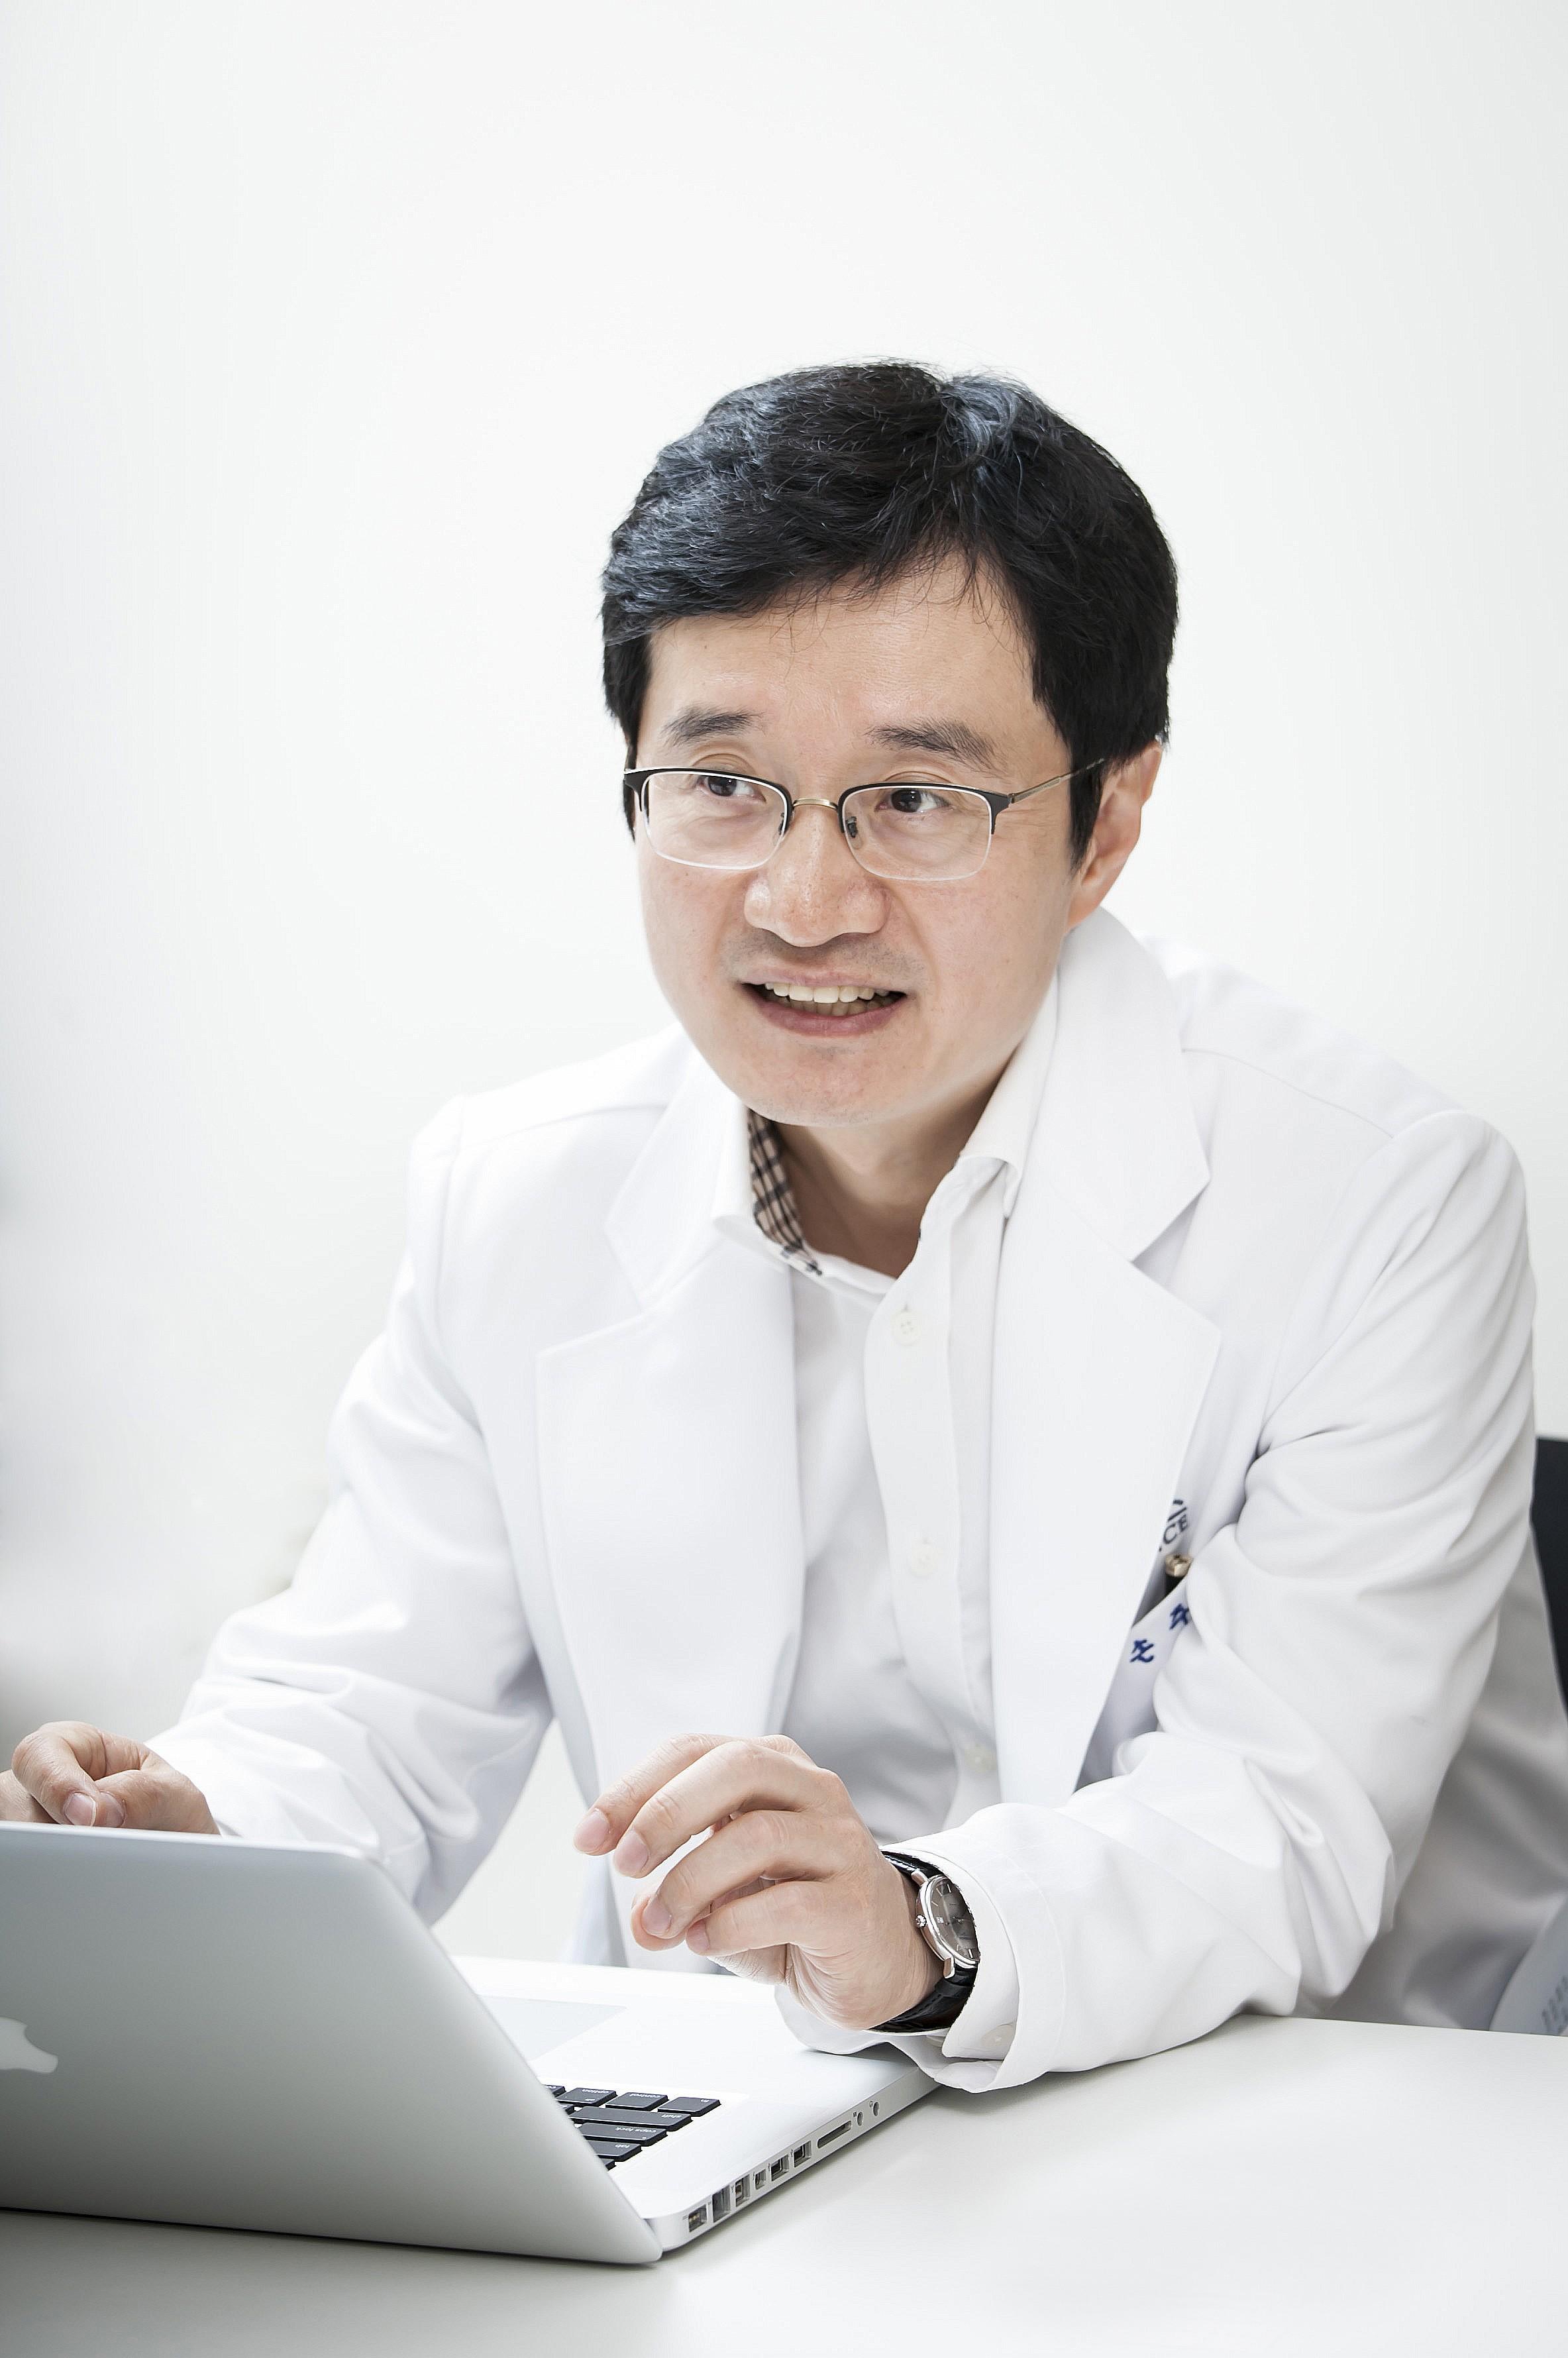 세브란스병원 손주혁 교수